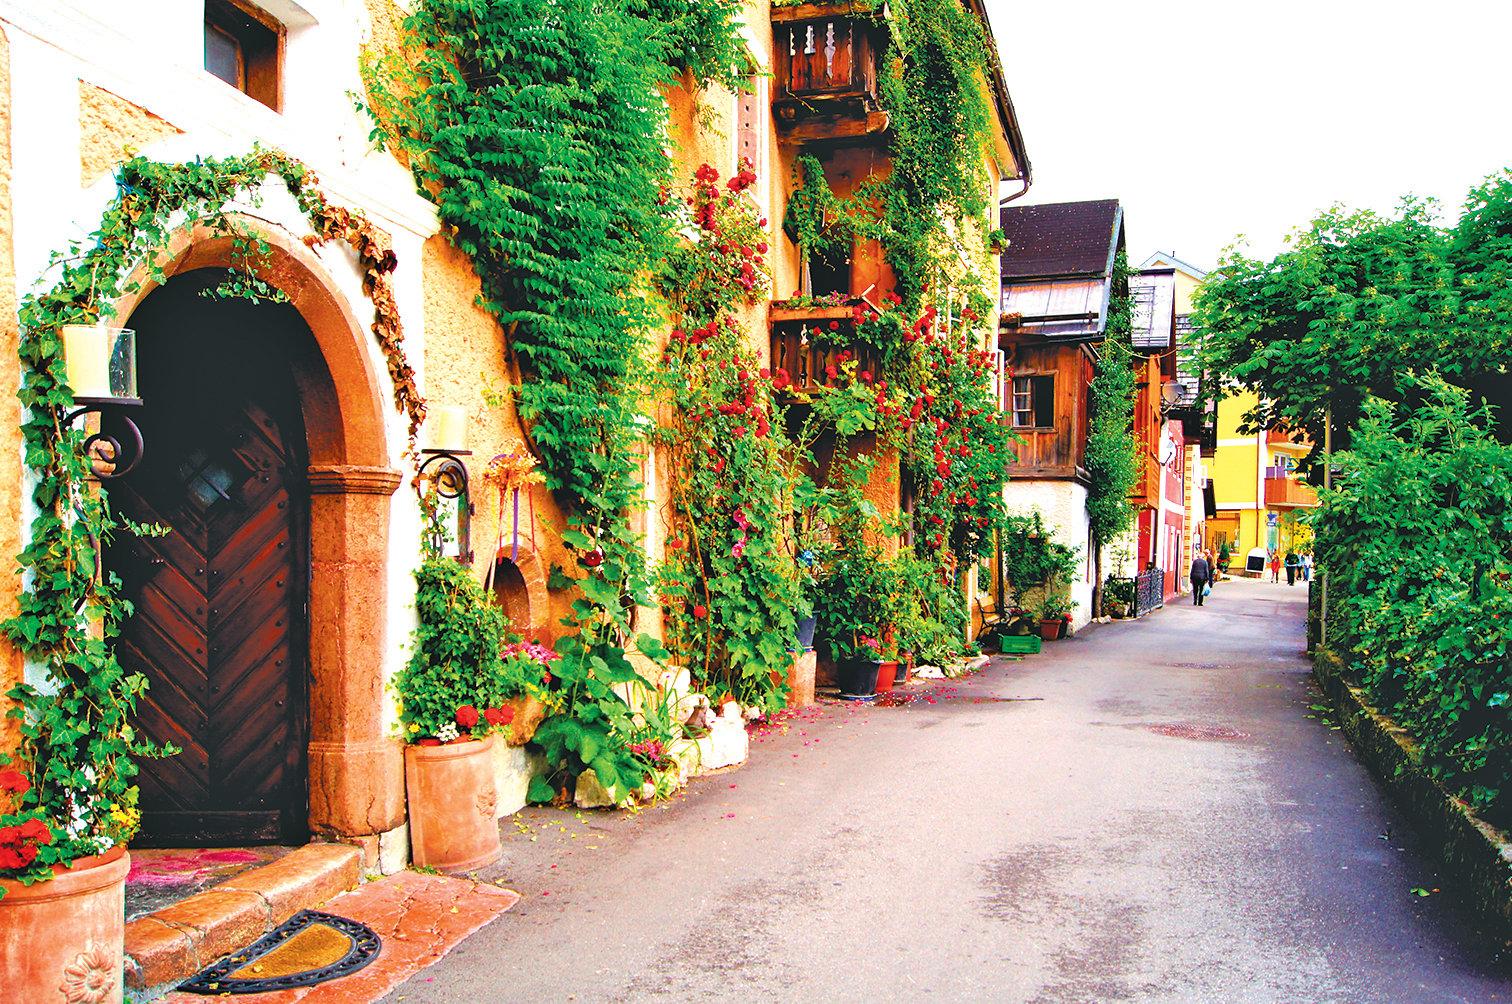 鮮花籐蔓點綴的街道。